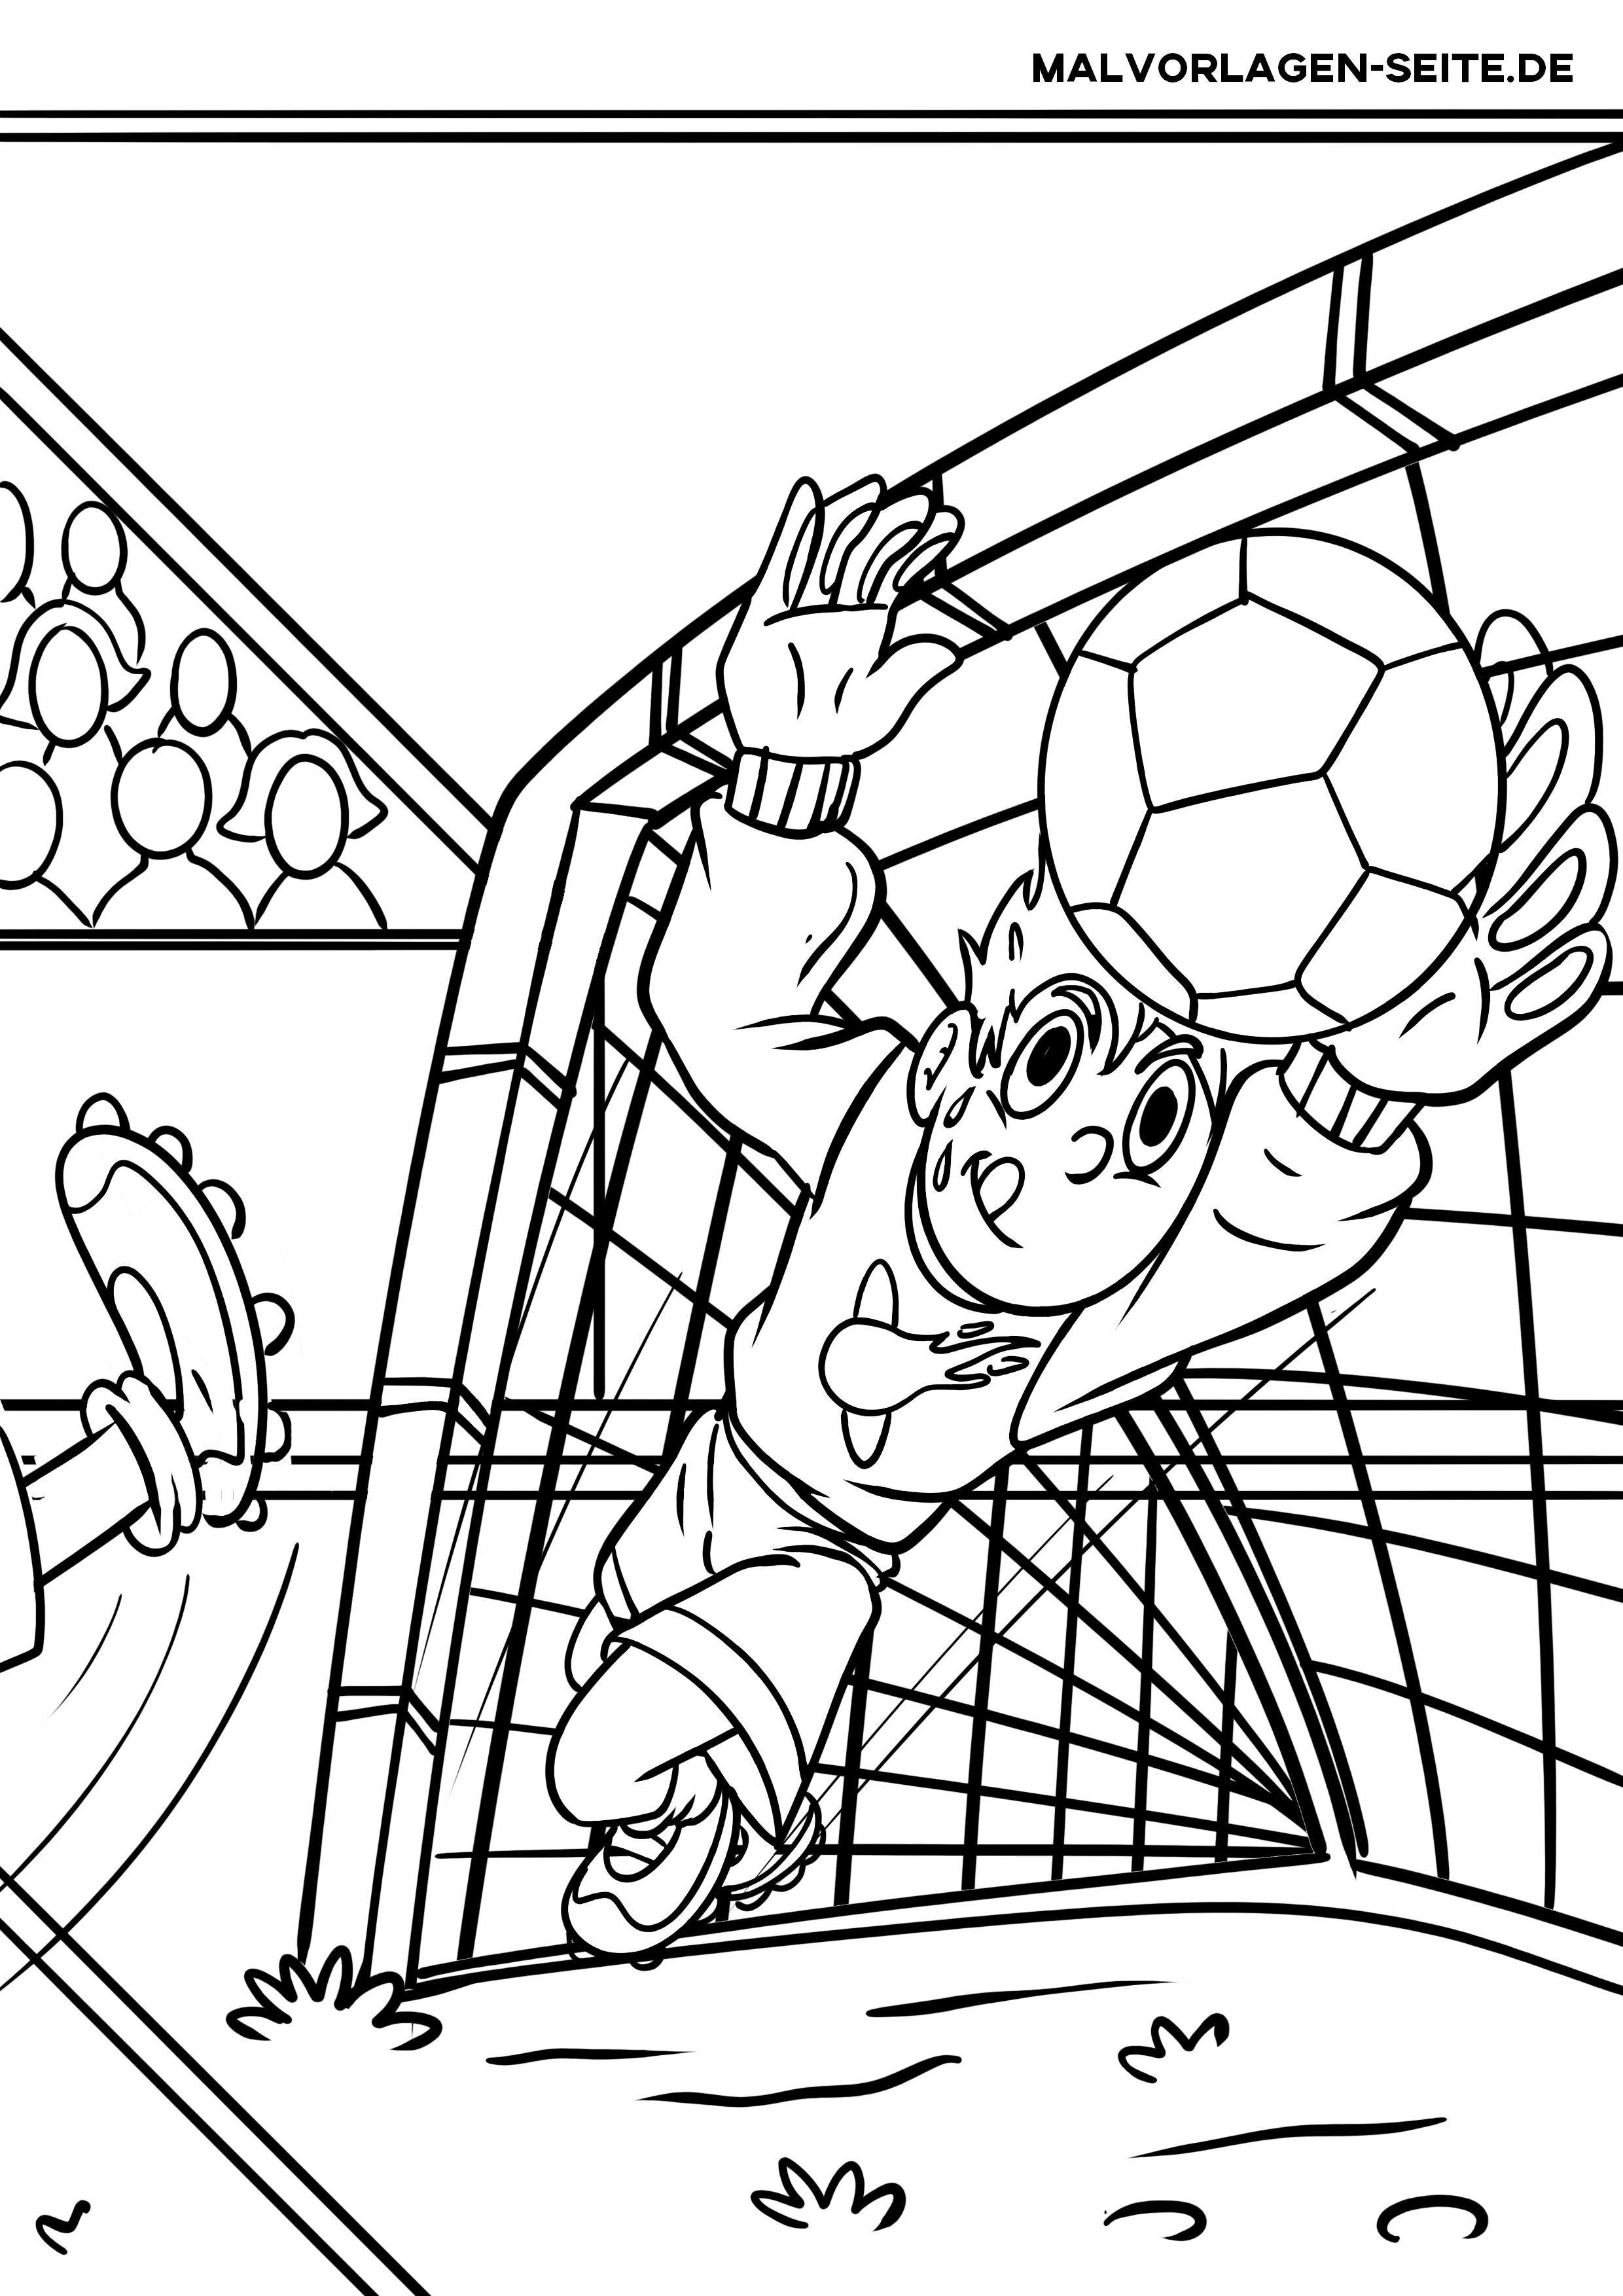 Malvorlagen Fussball Kostenlos Herunterladen Drucken Und